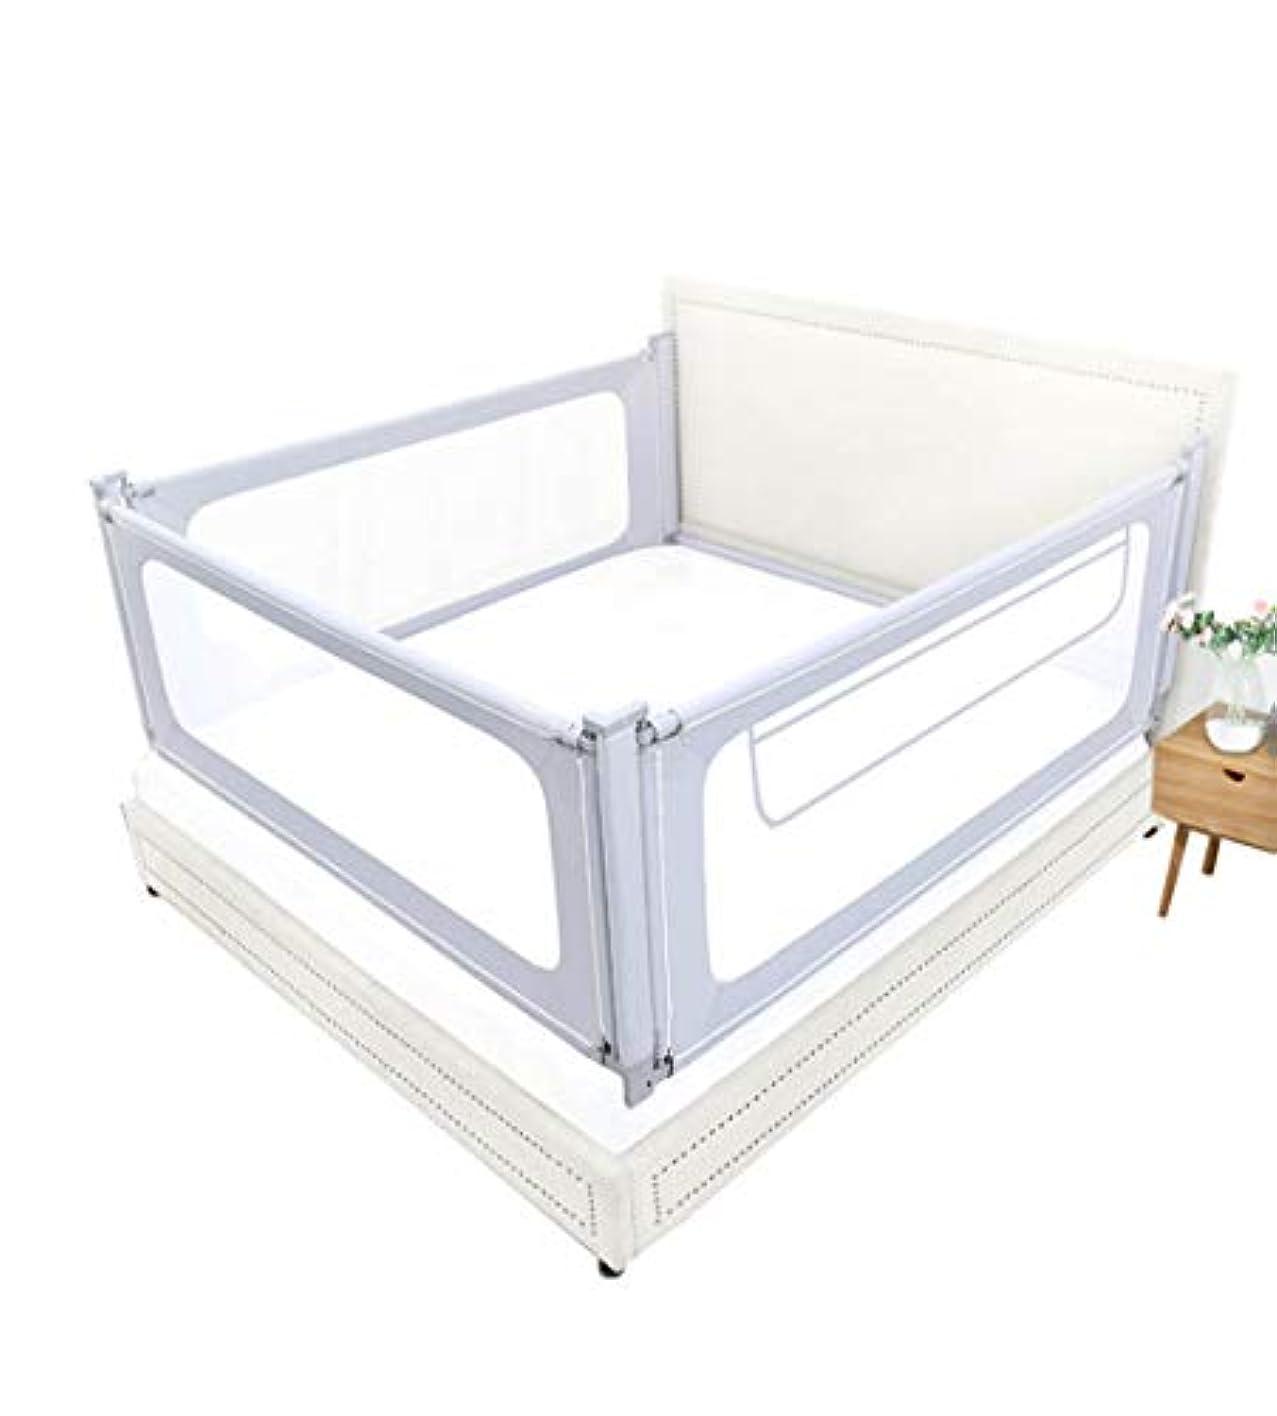 影に関して署名CHANG-dq ベビー保護フェンス、大きなベッド3面汎用目的の垂直リフトフェンス通気性のループベッドバッフル、1.5~2M 家庭用テント (Color : Gray, Size : 180*200CM)